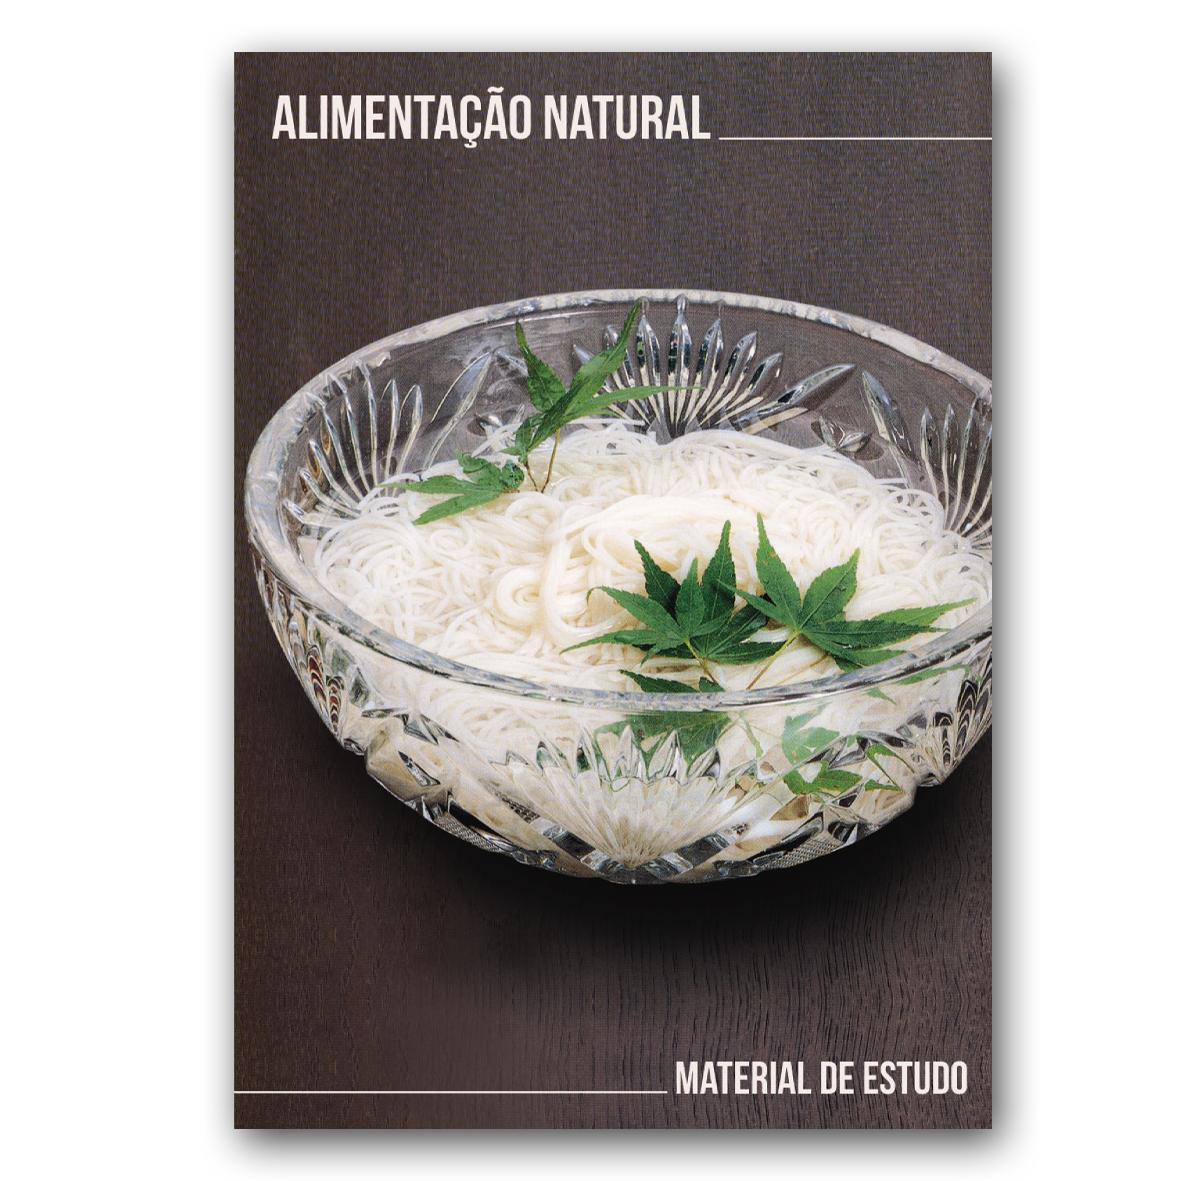 Alimentação Natural - Material de estudo